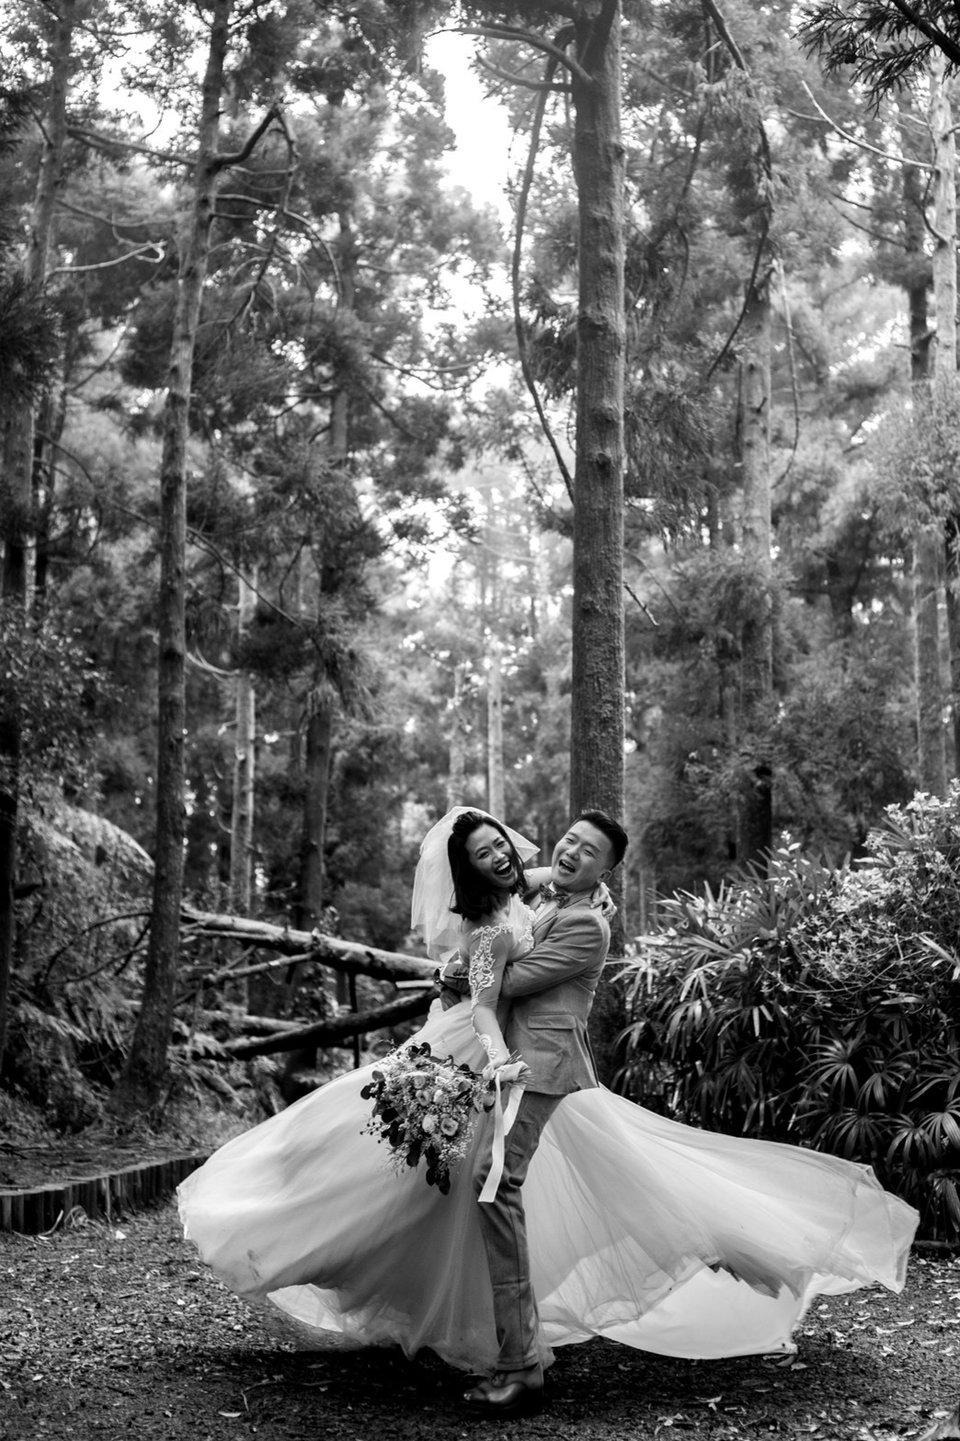 麗舍時尚婚紗,被壞天氣延期三次的外拍婚紗,終於拍成了!